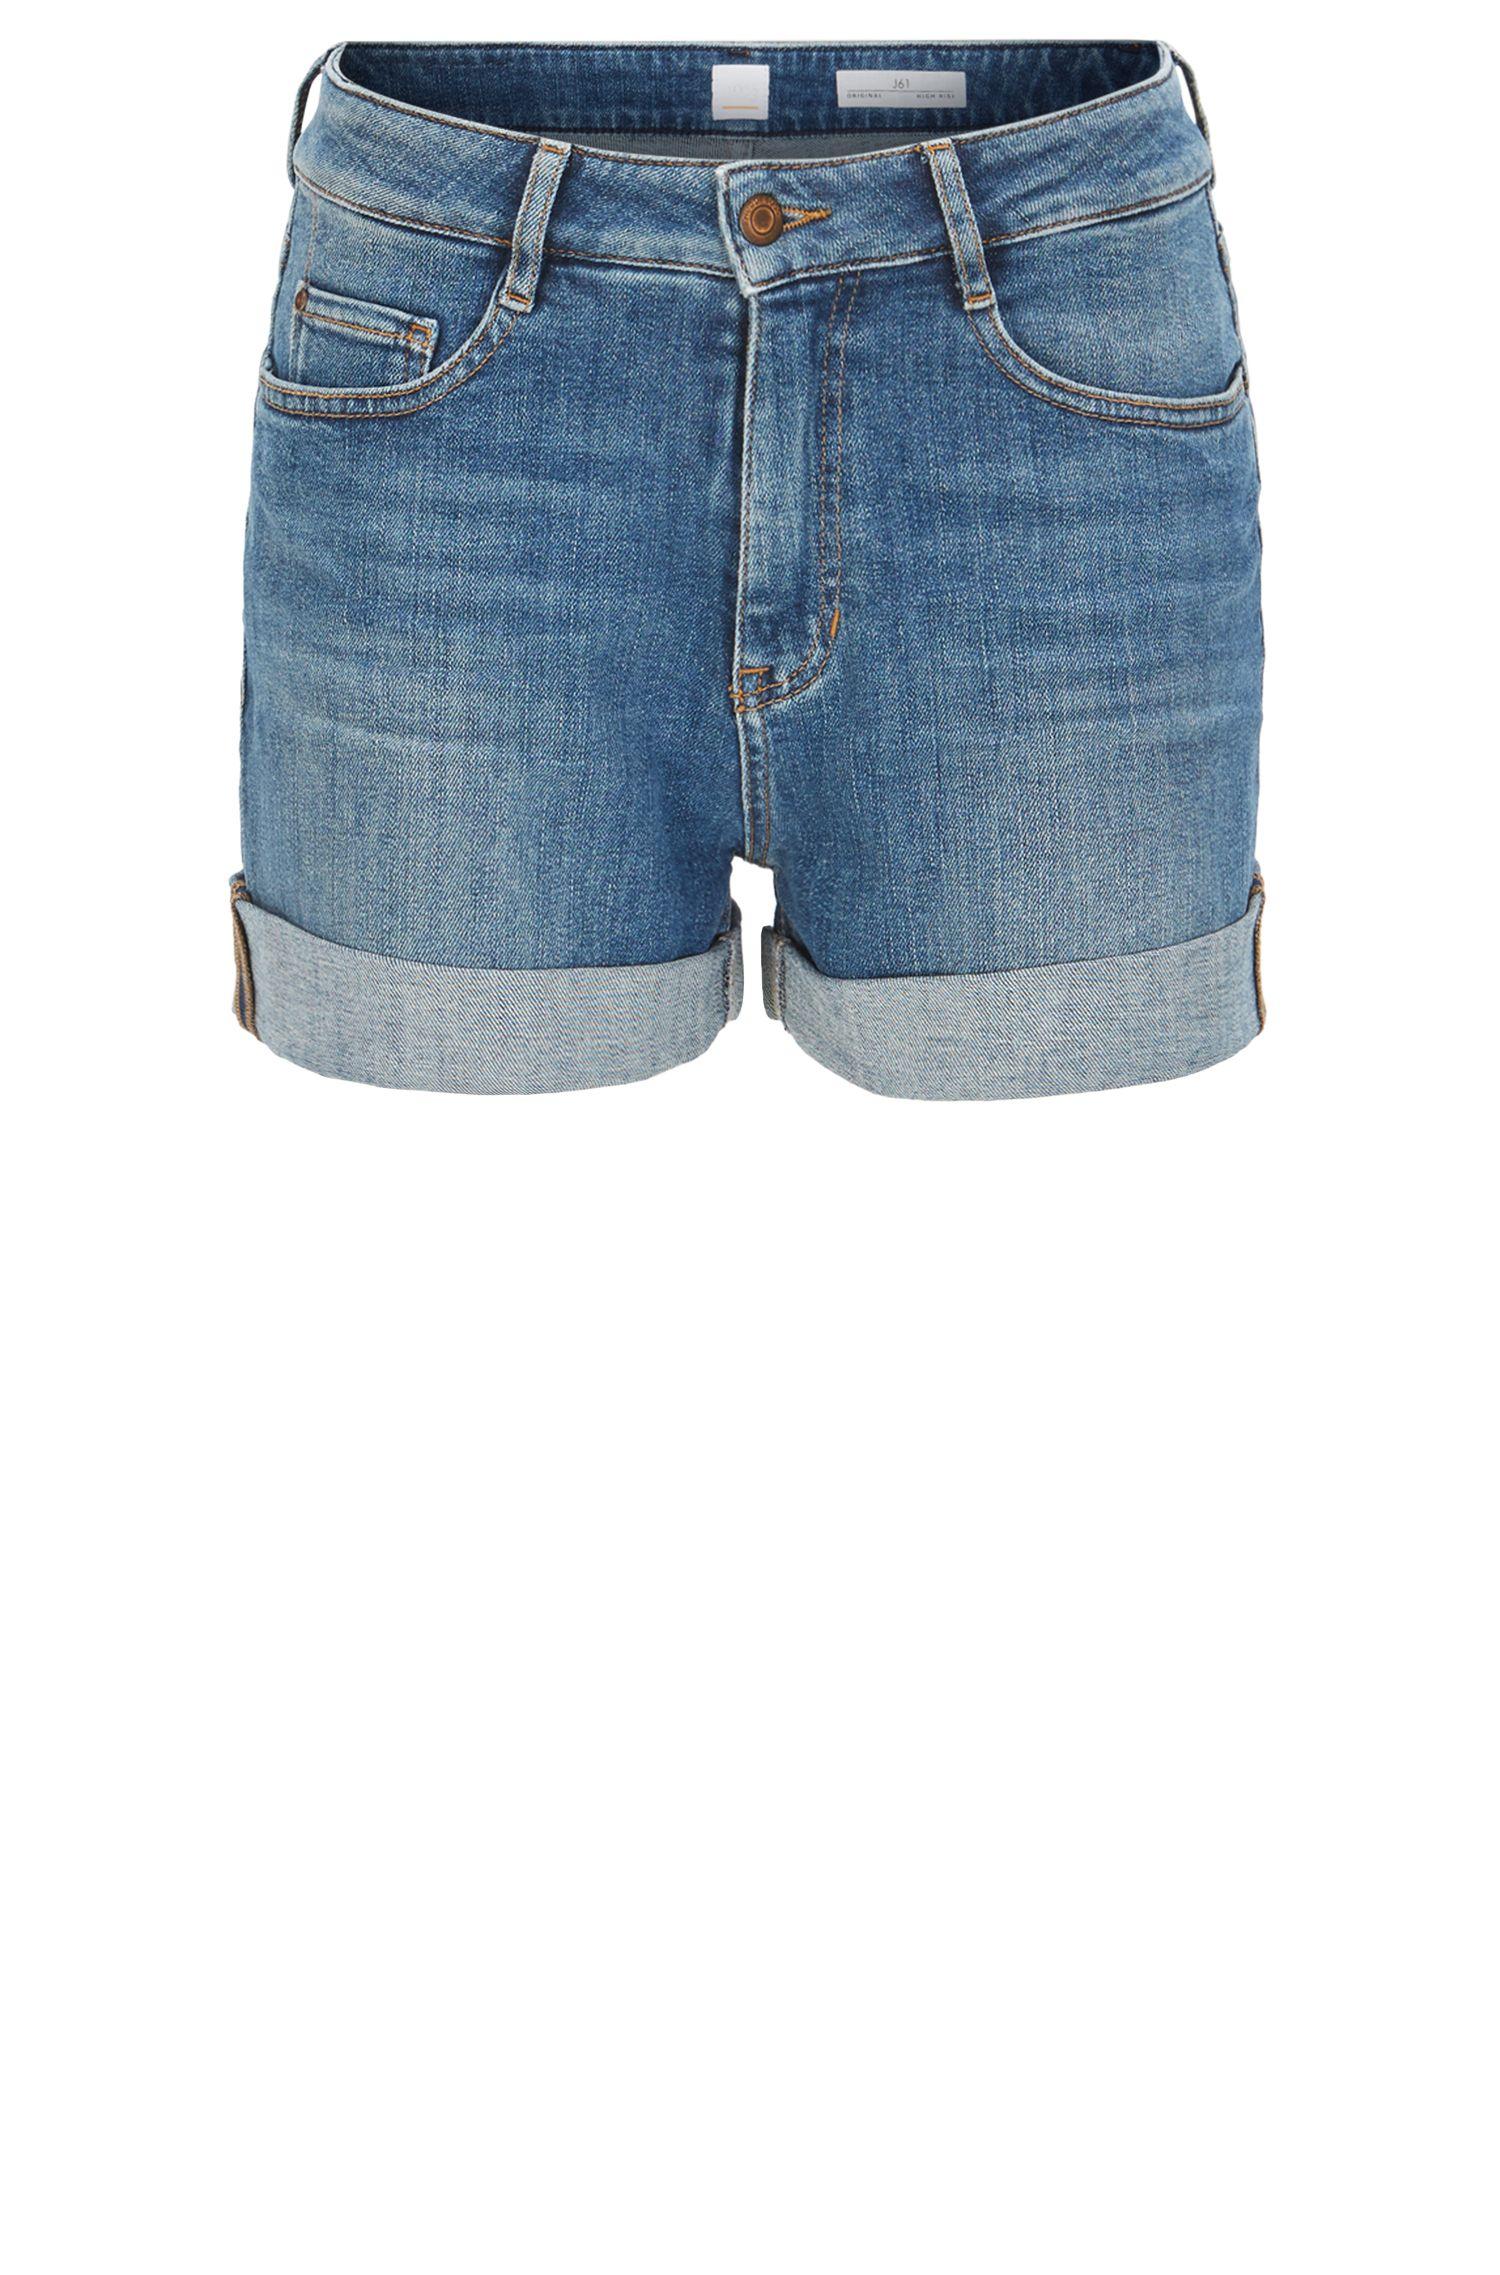 Pantaloncini a vita alta in denim slub-yarn elasticizzato